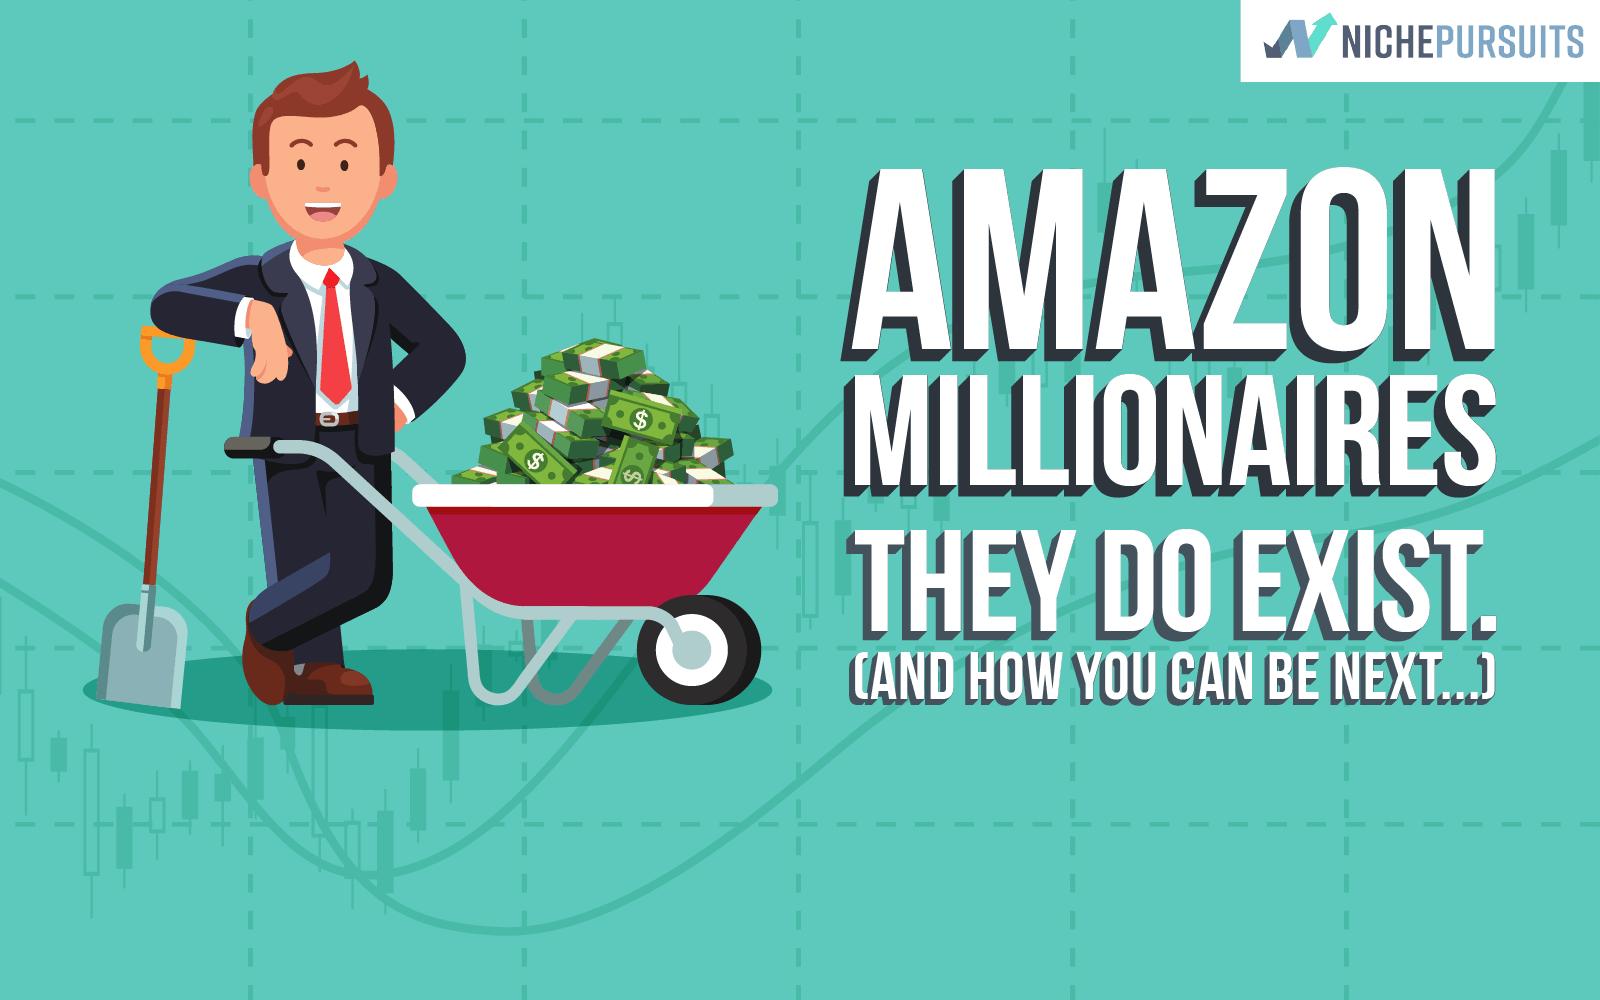 Millionaires run app